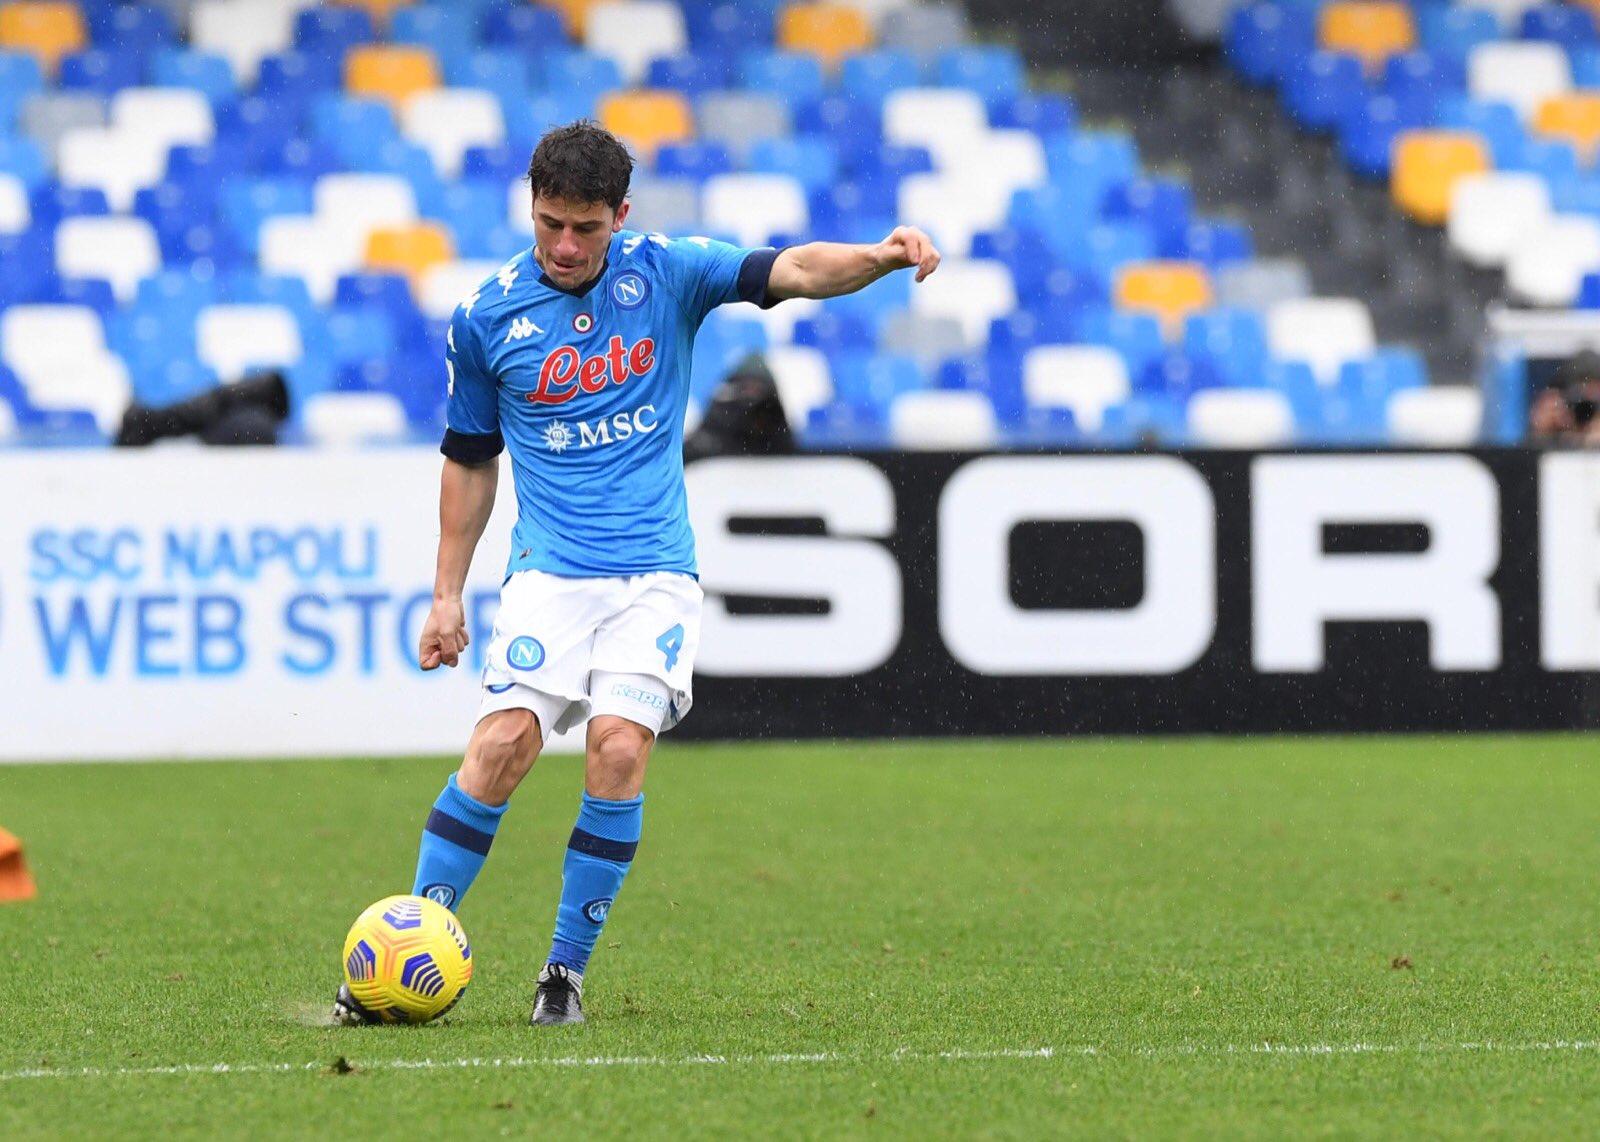 Il Napoli recupera Demme, intera seduta di allenamento in gruppo per il  tedesco - ilNapolista